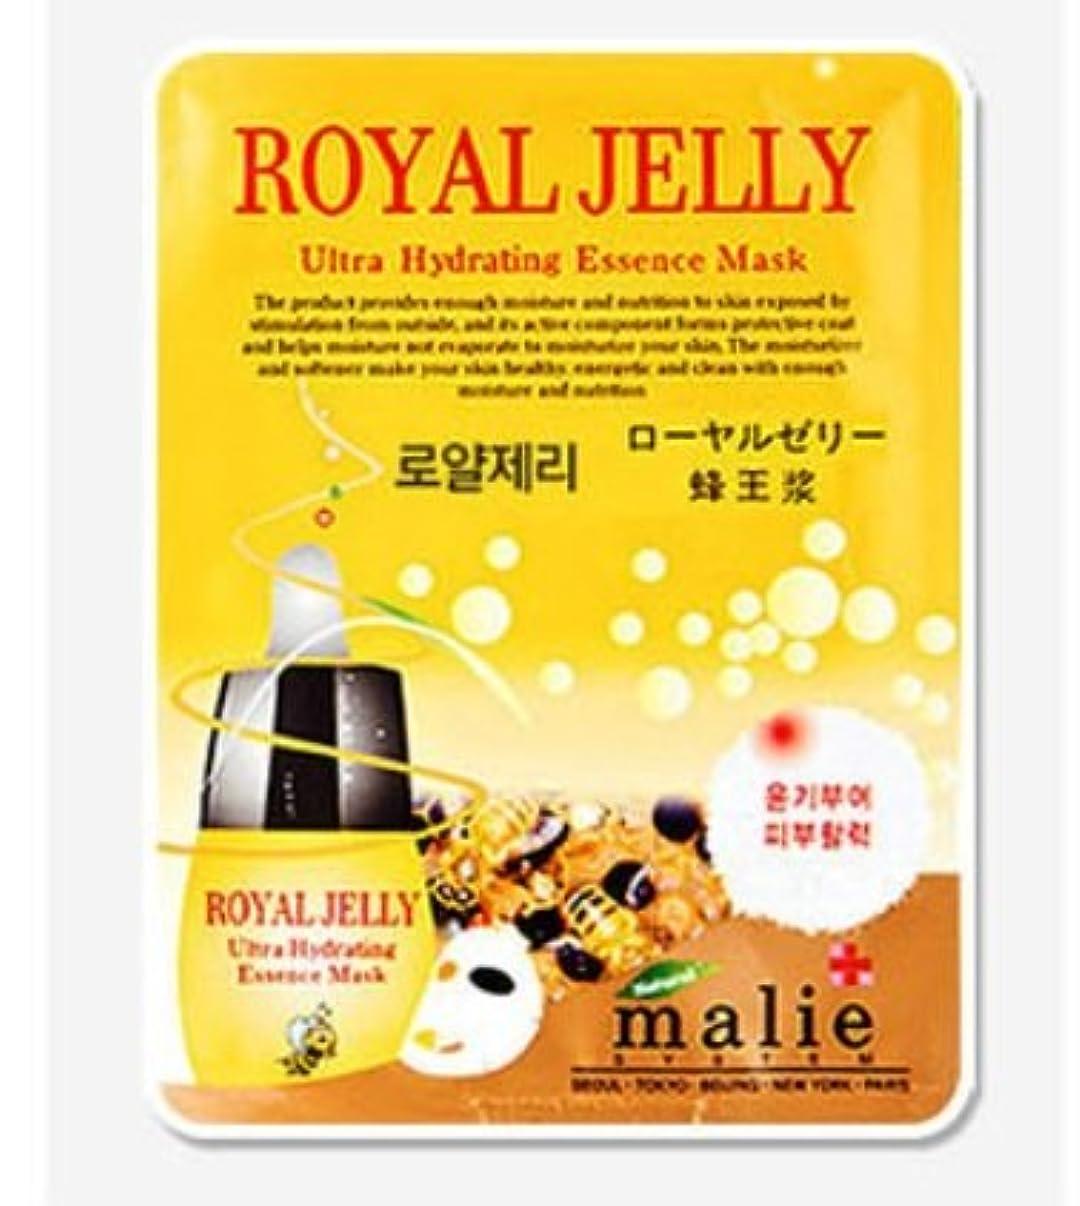 シェルターカテゴリーホース[MALIE] まりえローヤルゼリーウルトラ?ハイドレーティング?エッセンスマスク25gX10枚 / Malie Royal Jelly Ultra Hydrating Essence Mask [並行輸入品]